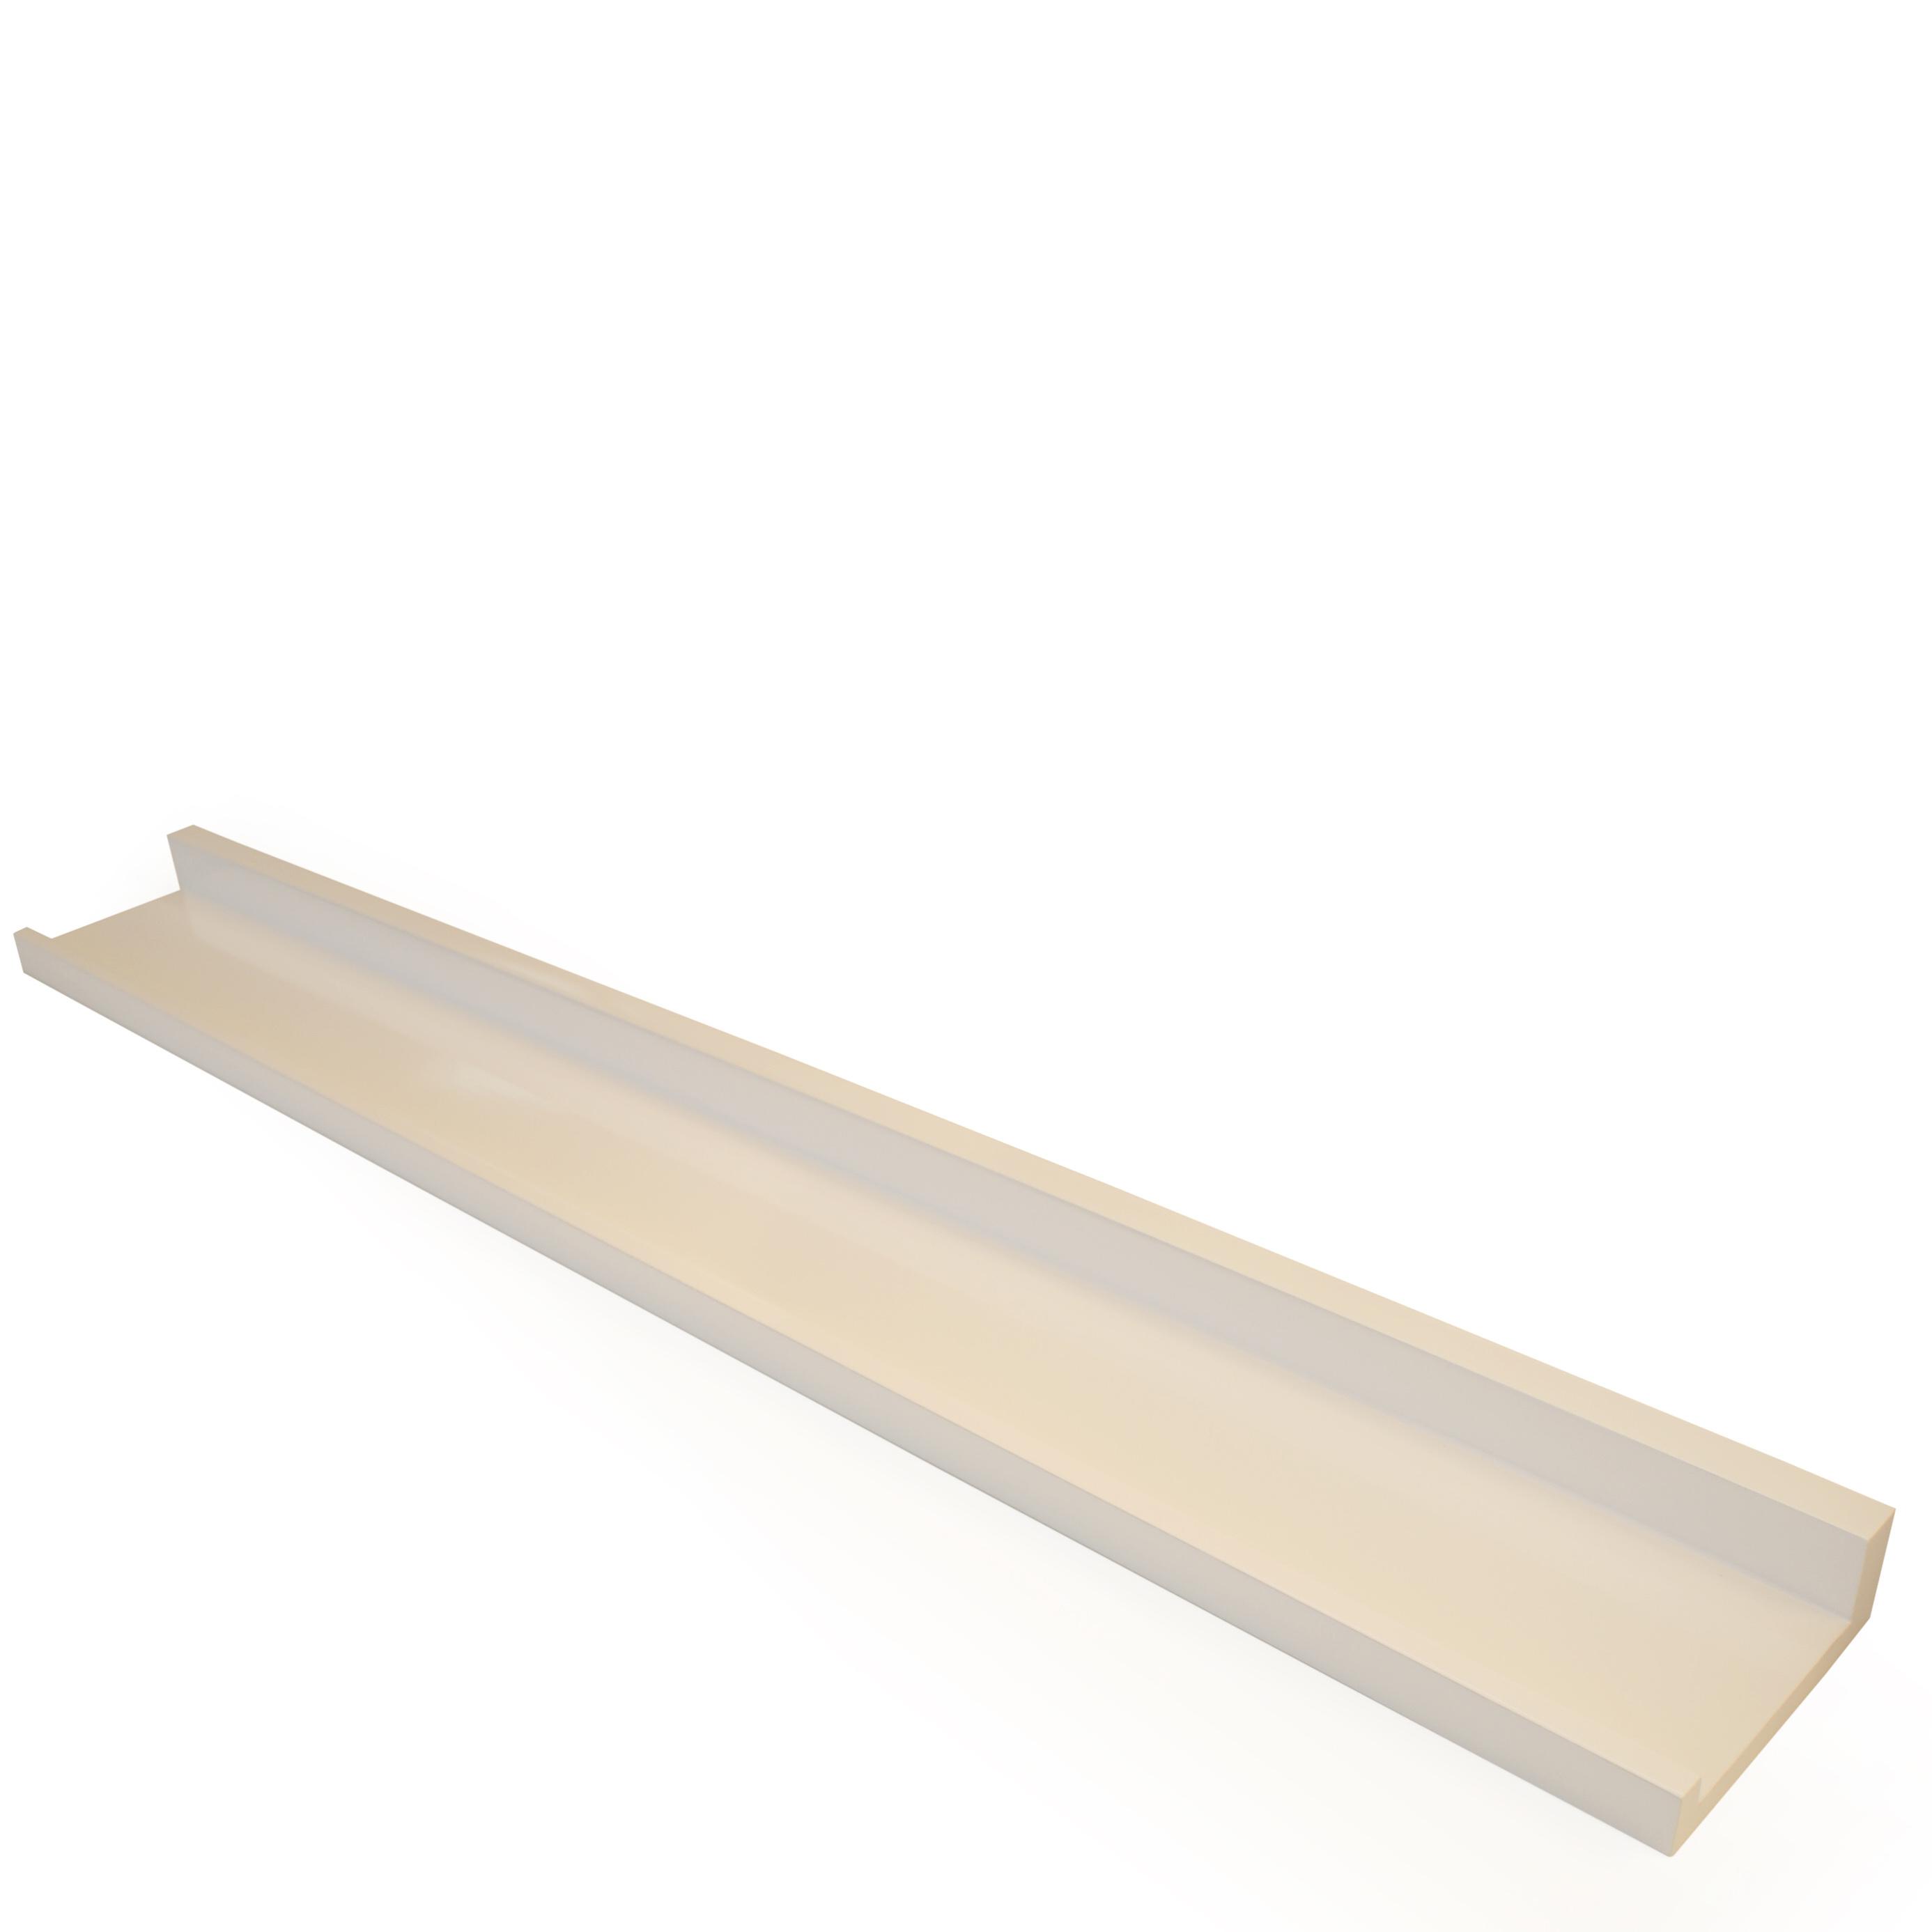 belle ledge shelf 800x100mm mastershelf. Black Bedroom Furniture Sets. Home Design Ideas